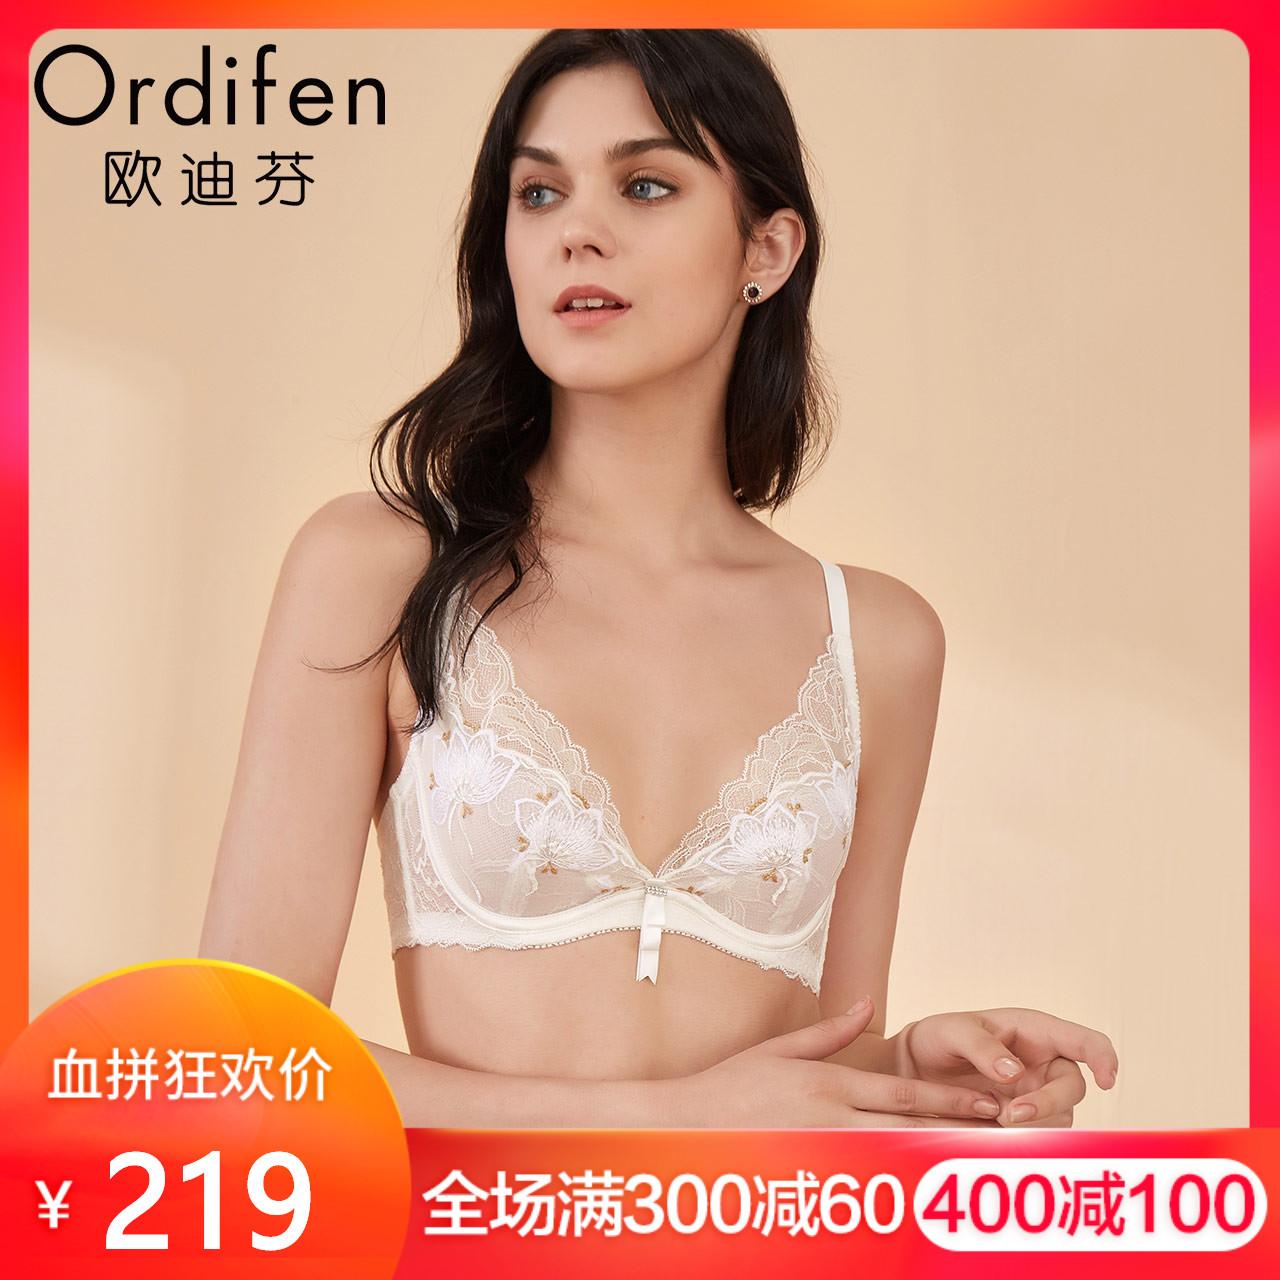 欧迪芬 女士内衣轻薄款透气网纱胸罩上托性感蕾丝通透文胸XB8376